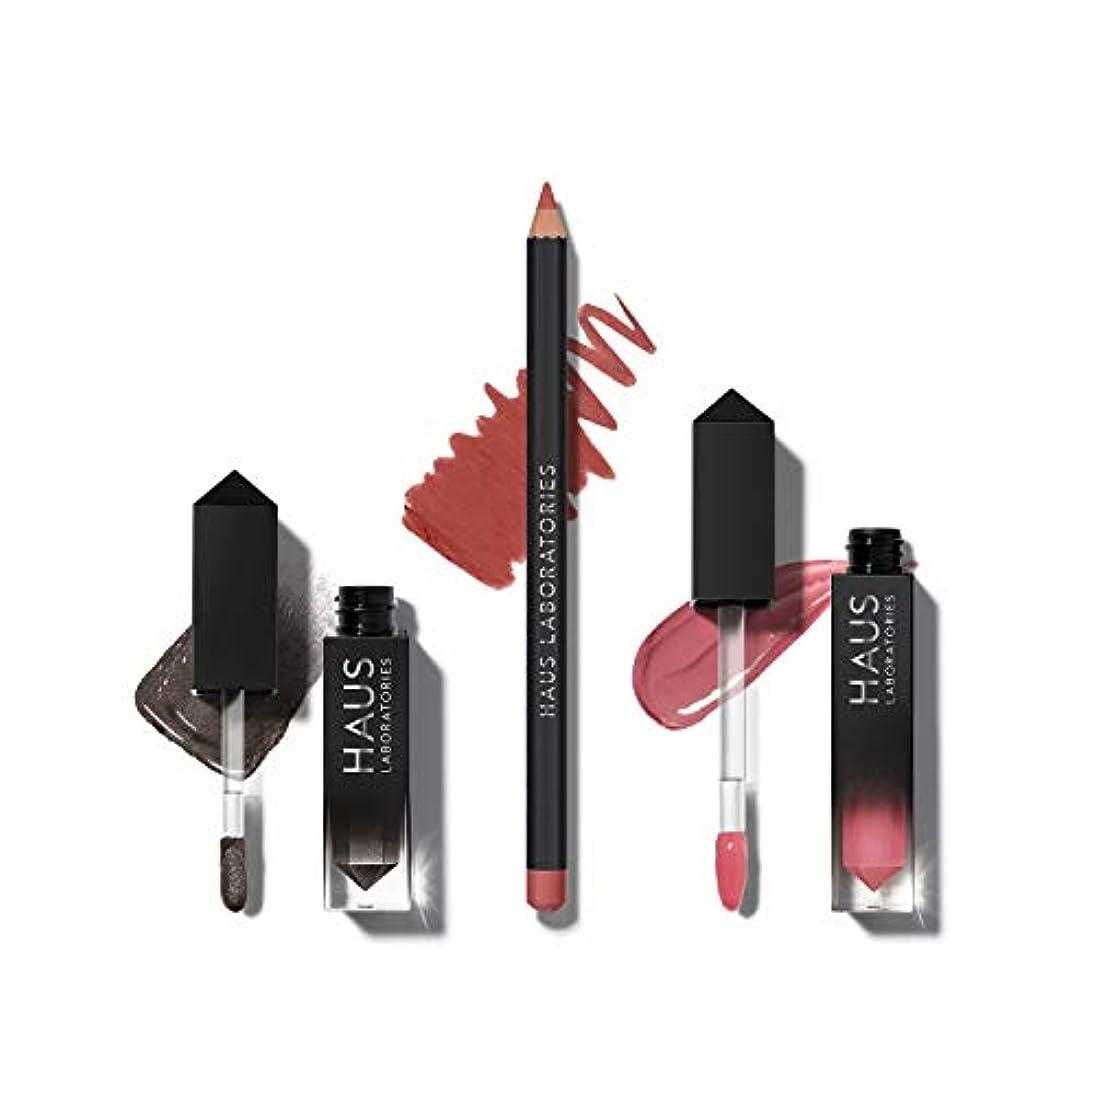 先家具ウェーハHAUS LABORATORIES HAUS of Collections 3点セット All-Over Color, Lip Gloss, Lip Liner (HAUS of Metalhead)